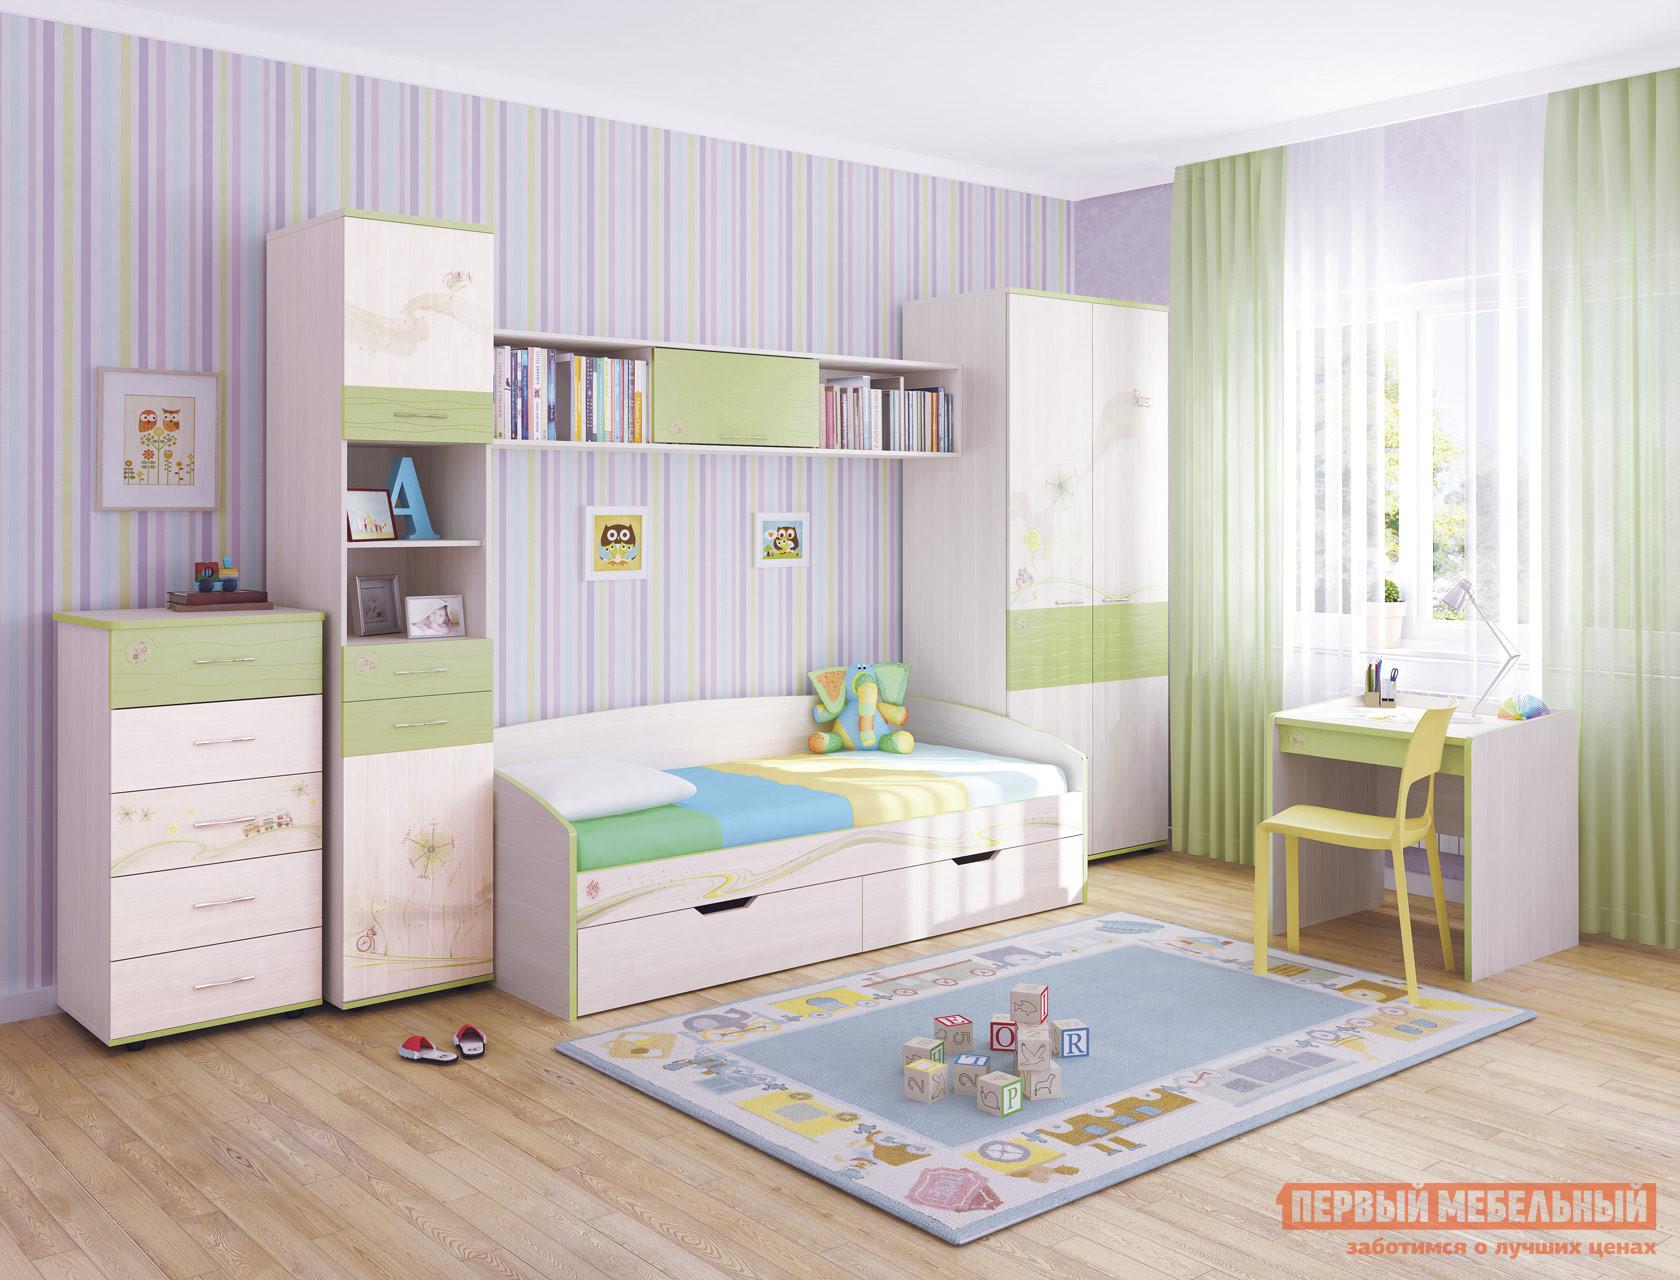 Комплект детской мебели Витра Акварель К4 комплект мебели для кухни витра палермо 300